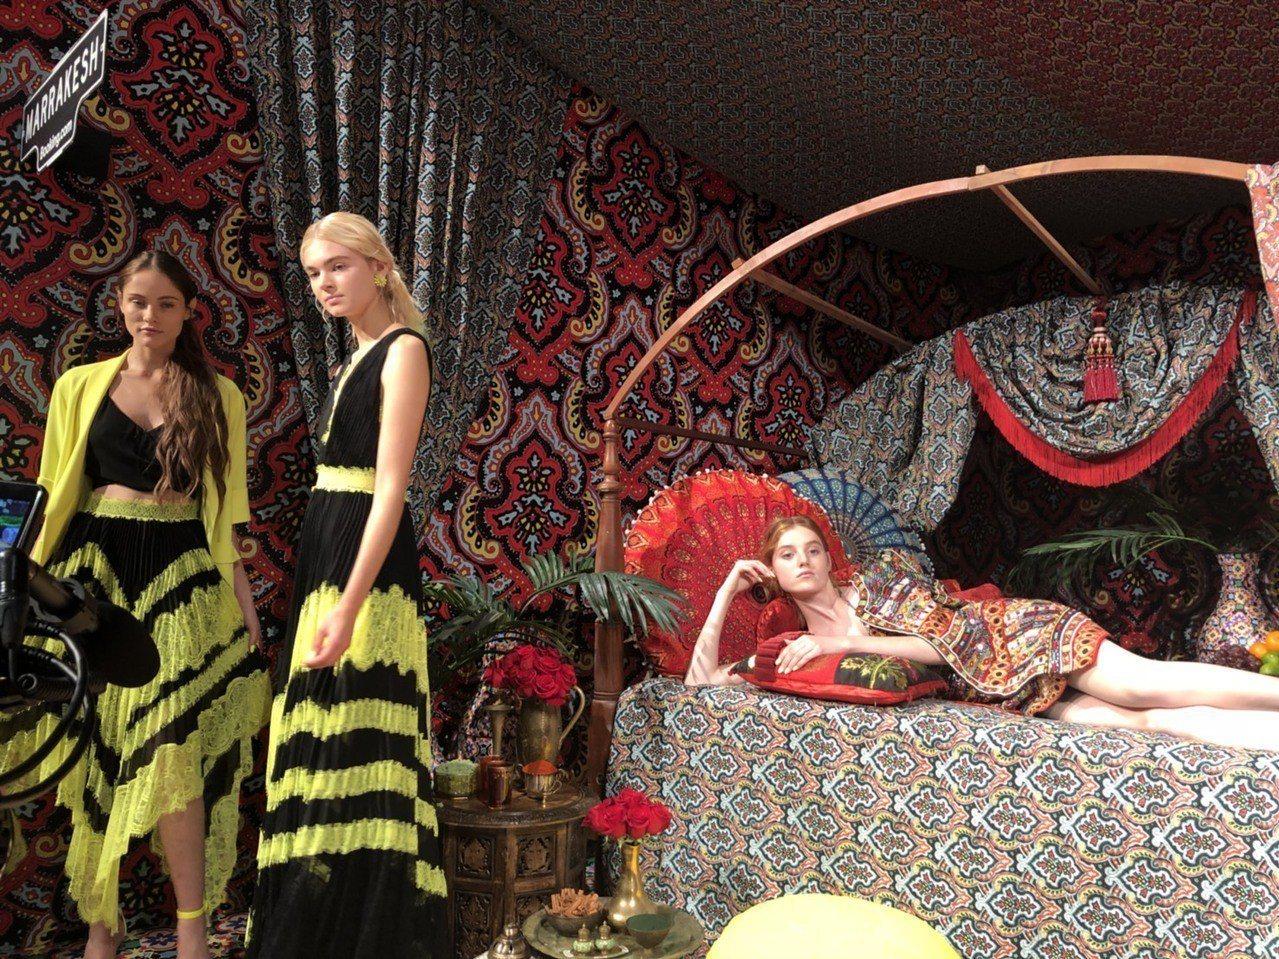 摩洛哥瑪拉克什區有躺臥的模特兒,怪誕有趣。記者楊詩涵/攝影